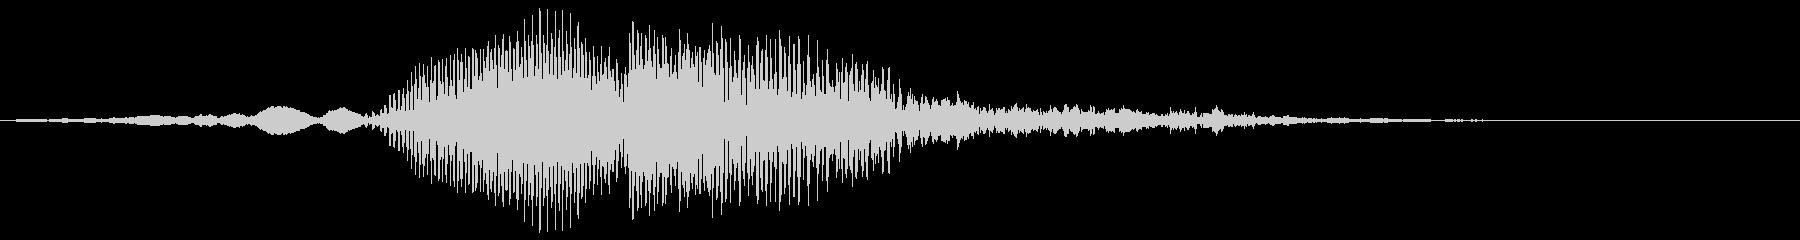 カラス 1回鳴きの未再生の波形